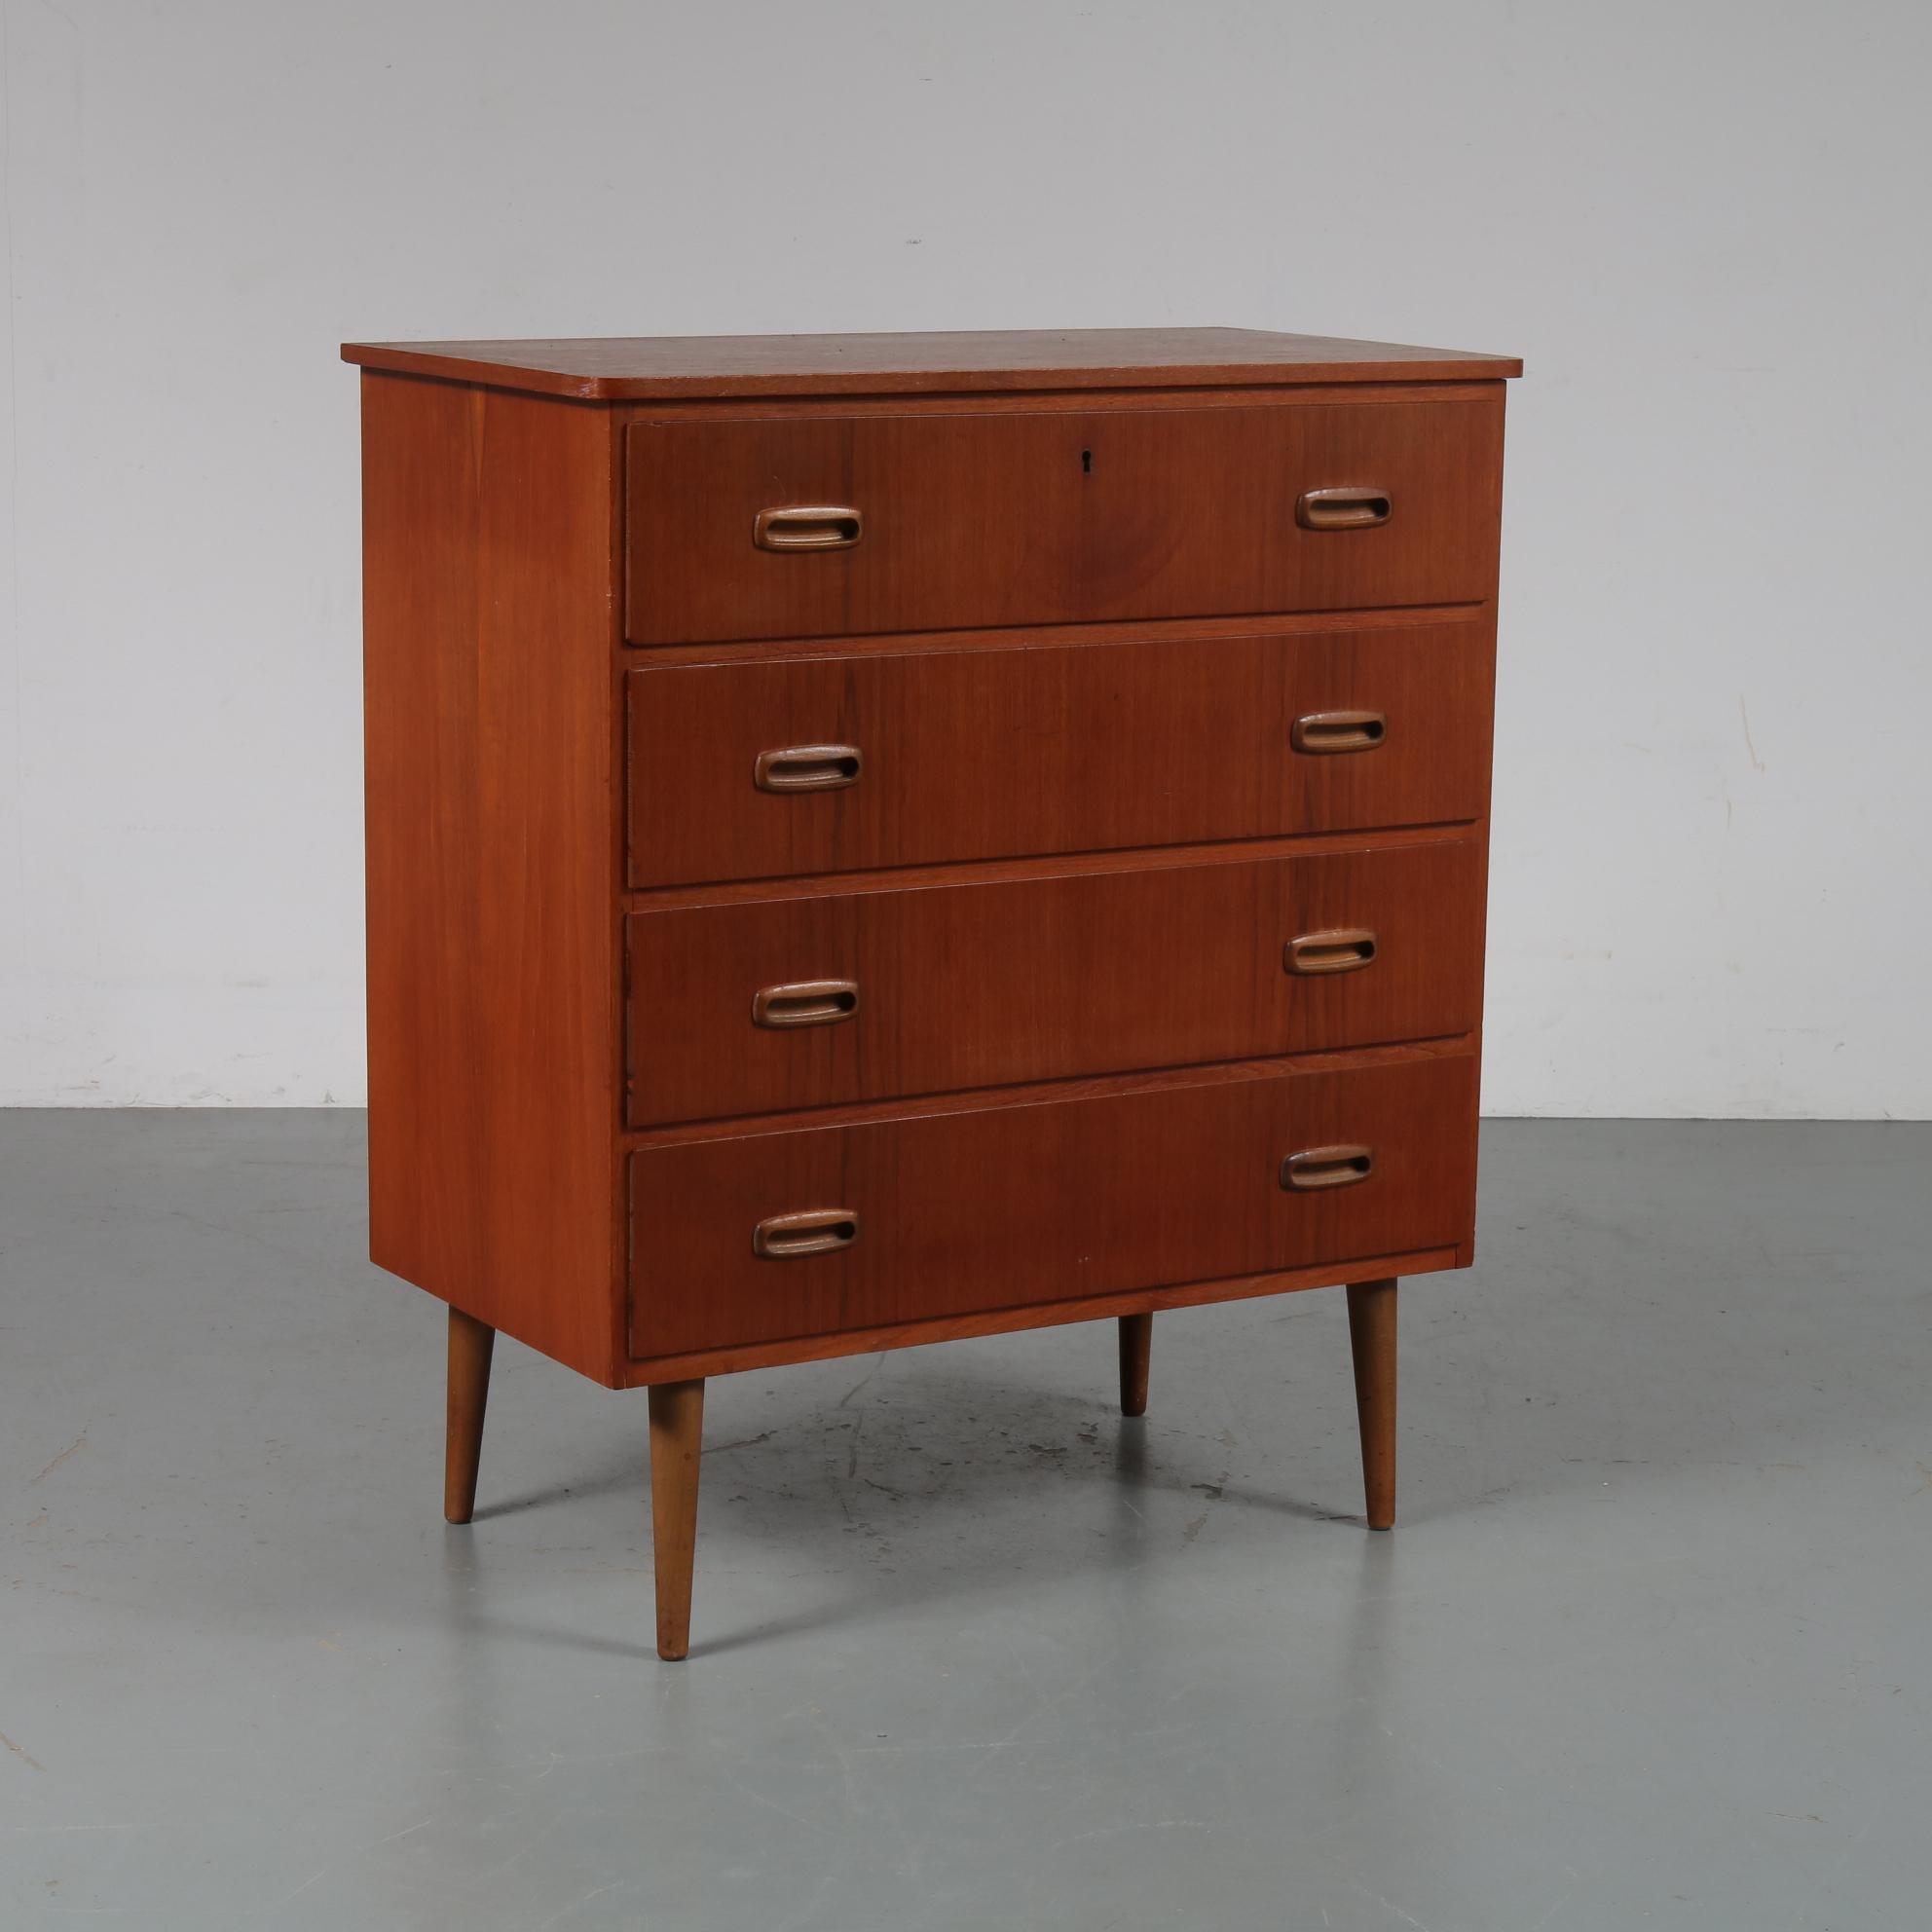 m23080 1950s Teak drawer cabinet on round legs Netherlands